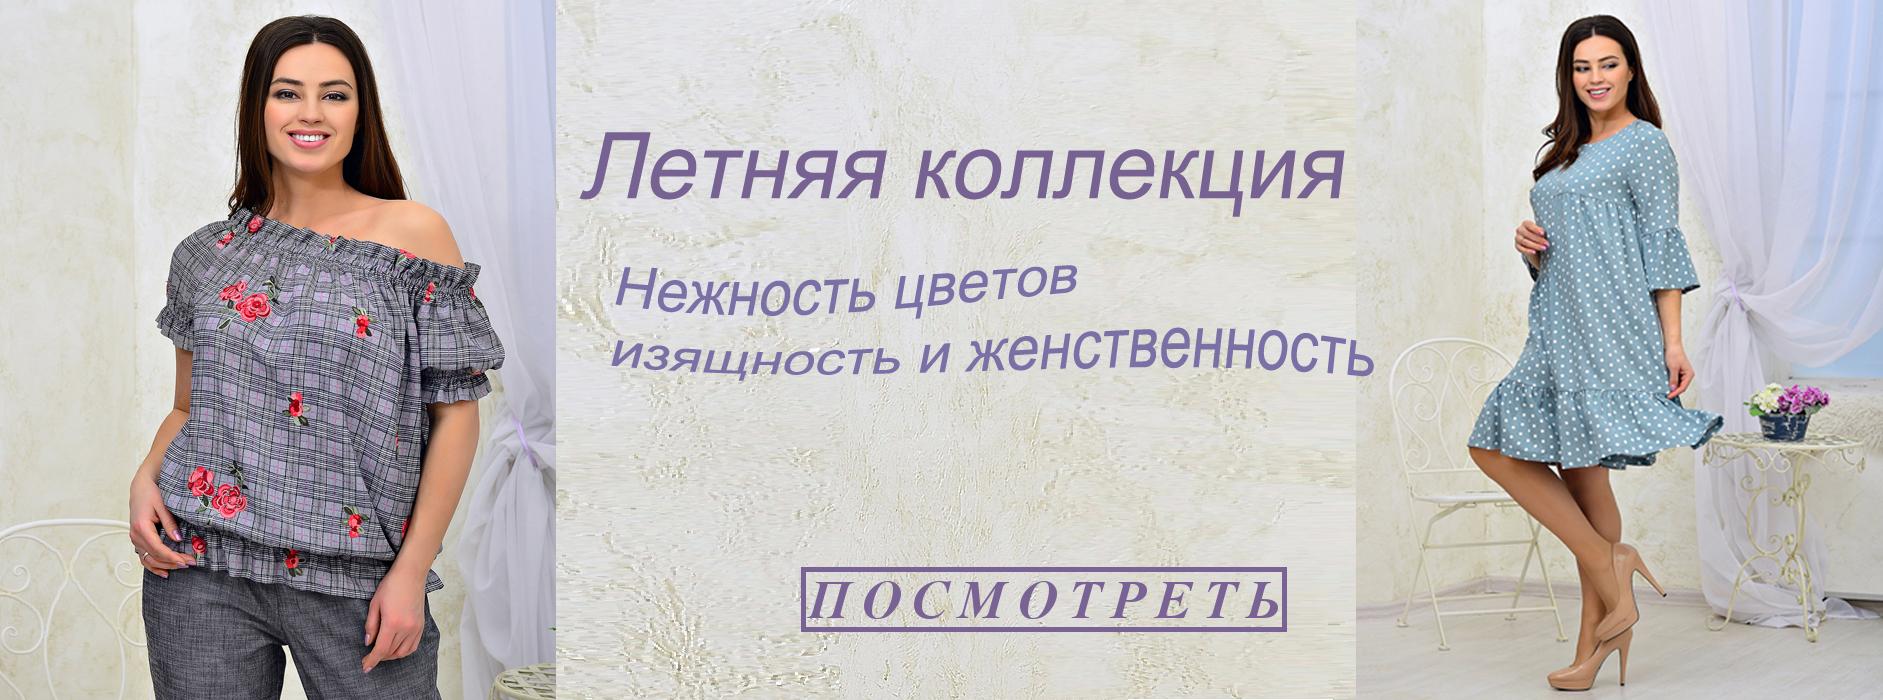 Летняя коллекция 2019